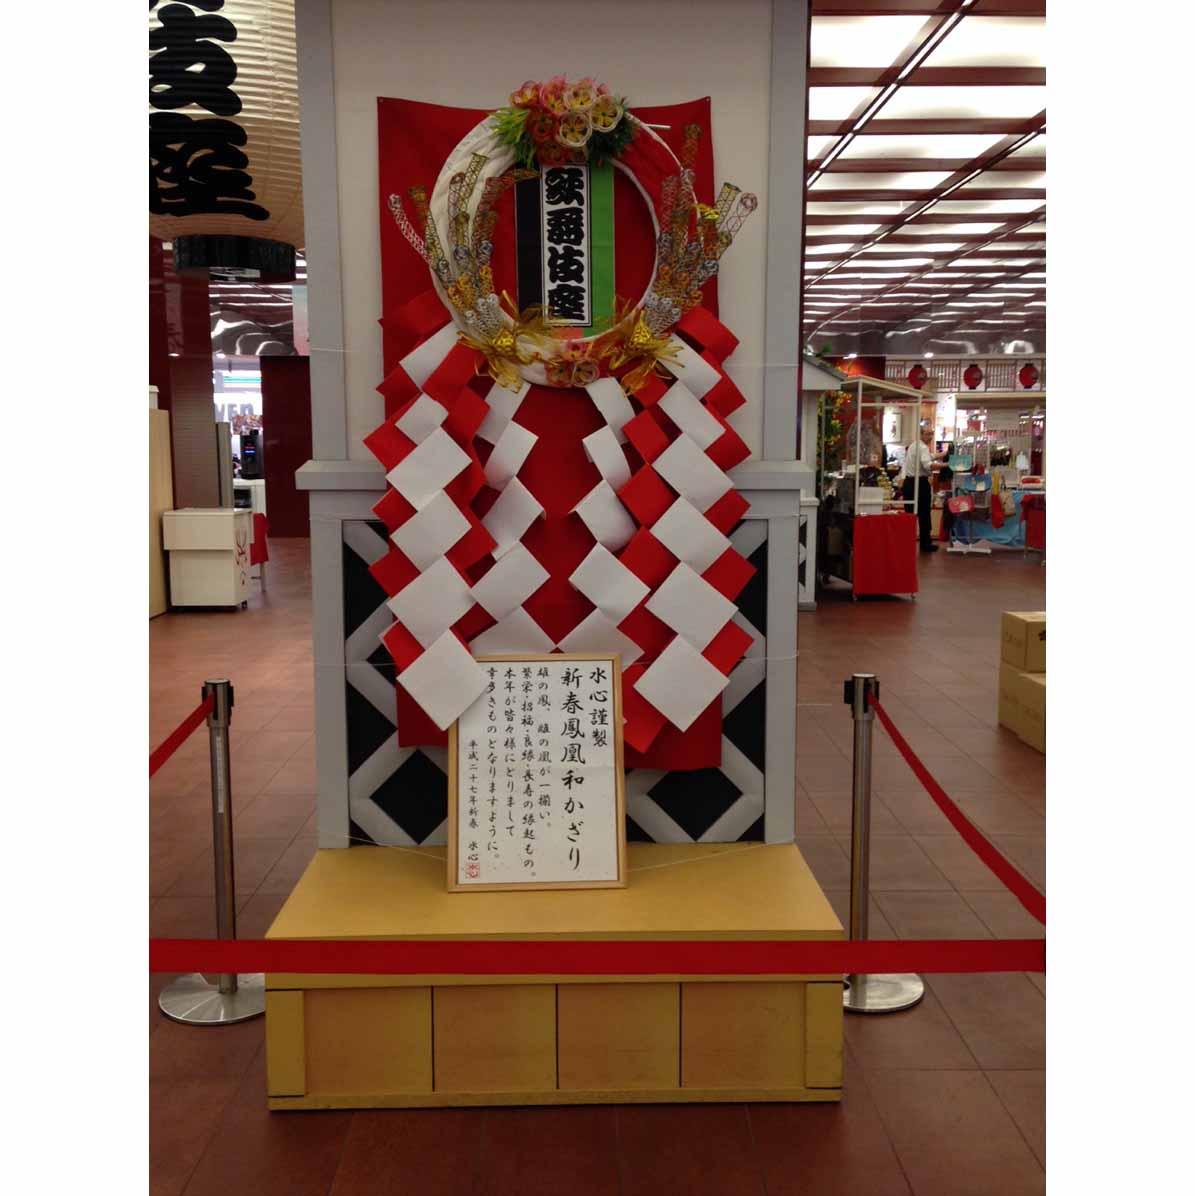 歌舞伎座新春飾り2015